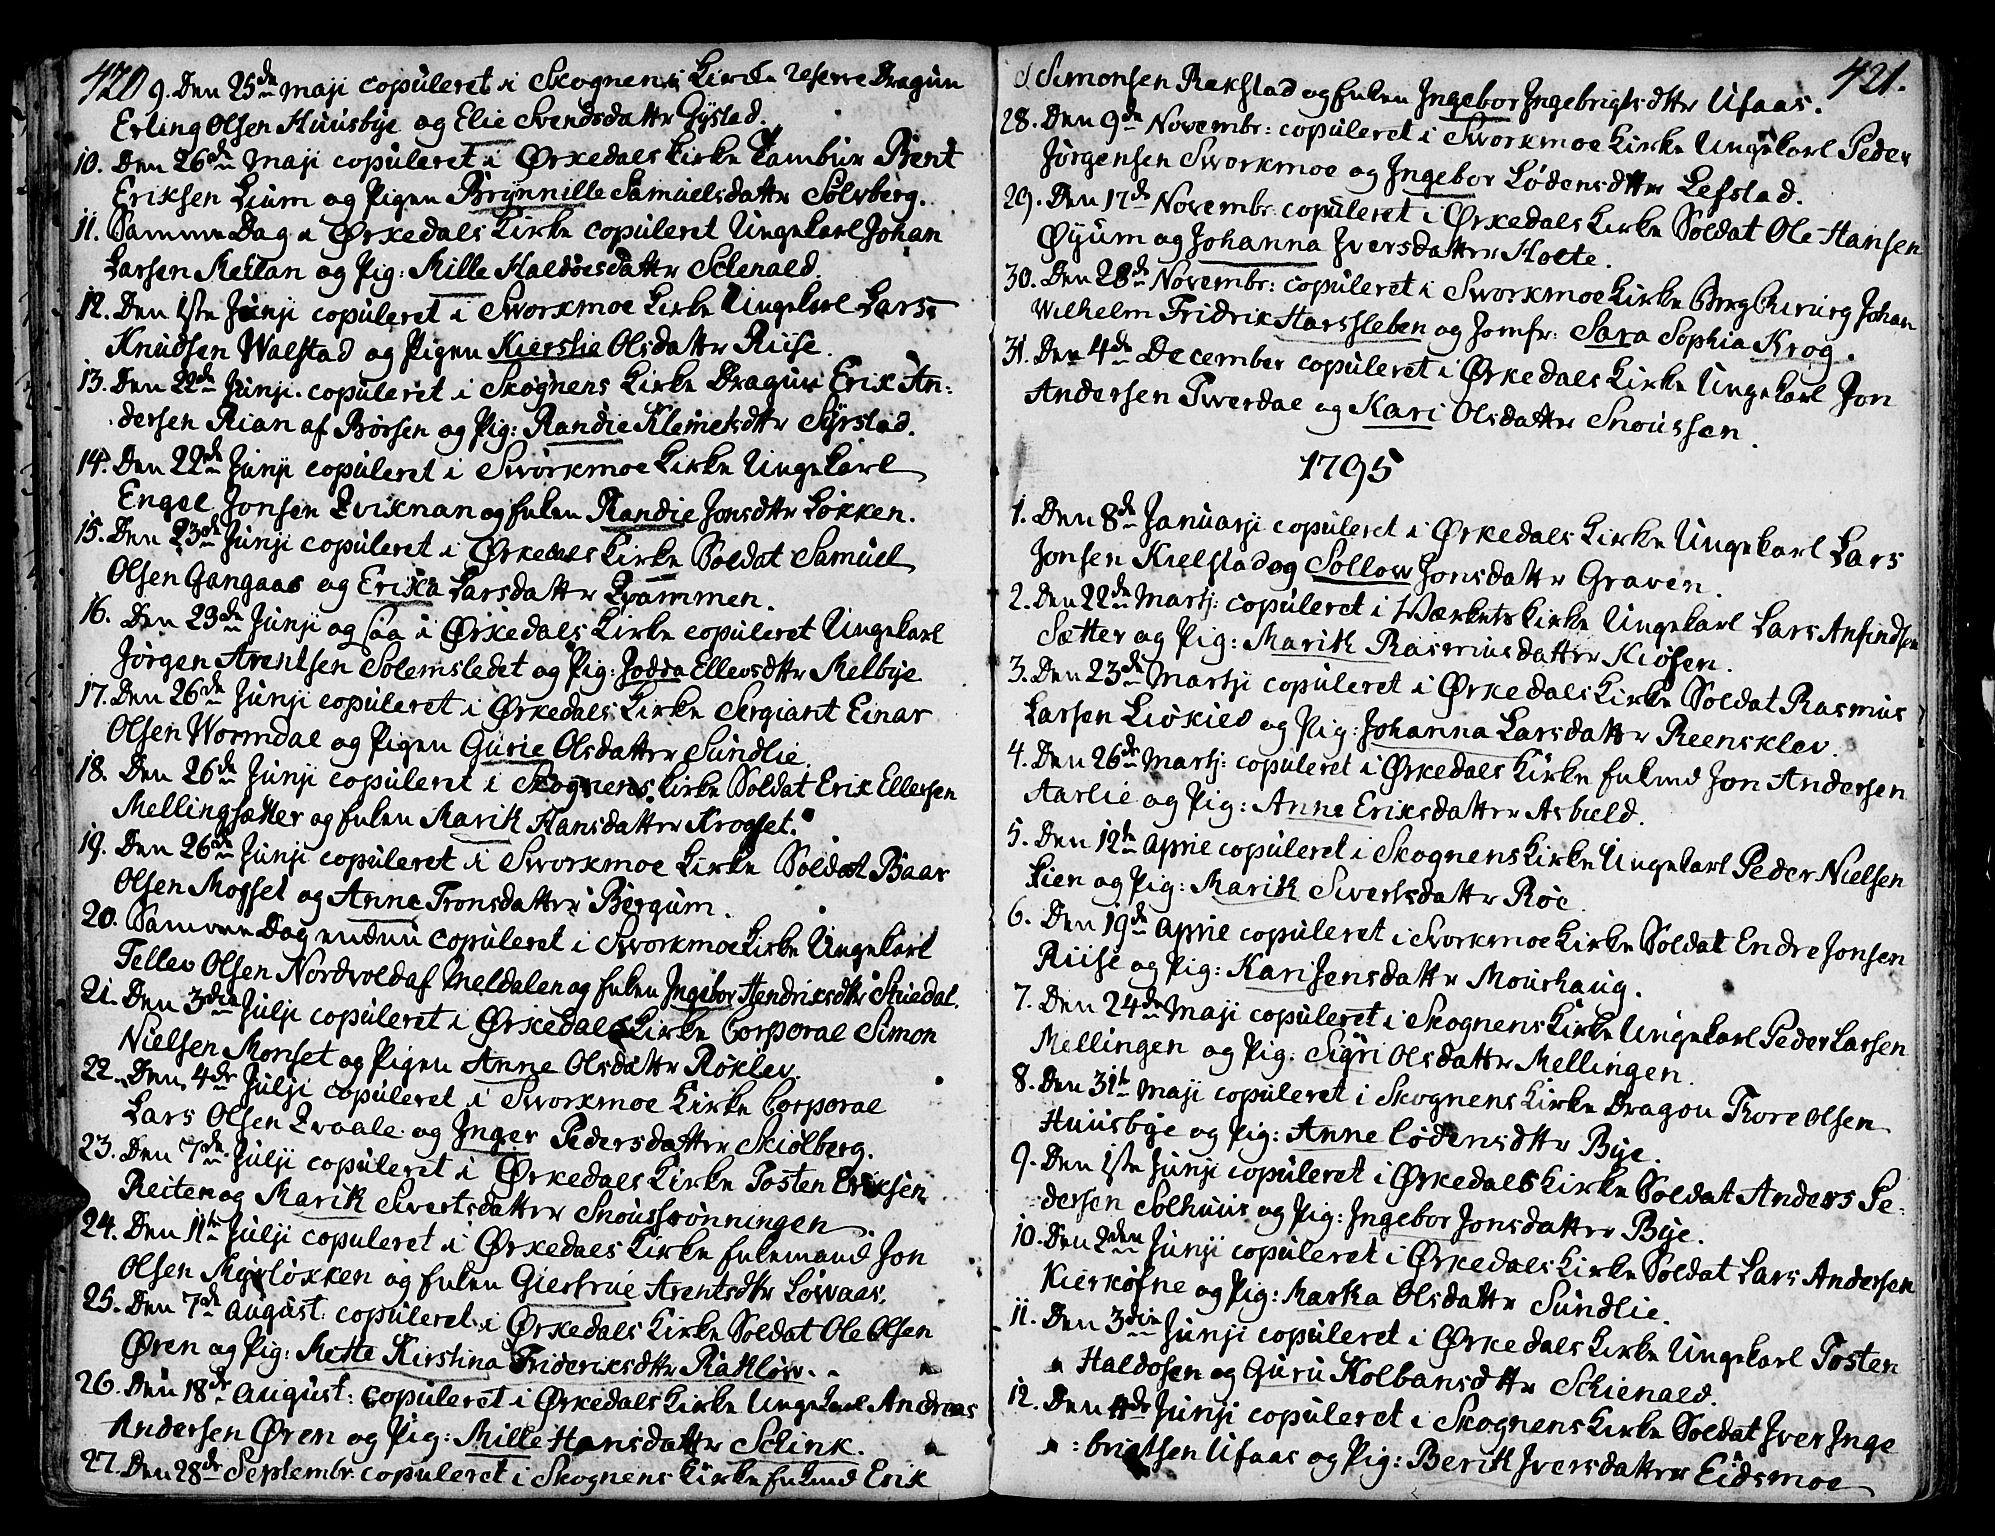 SAT, Ministerialprotokoller, klokkerbøker og fødselsregistre - Sør-Trøndelag, 668/L0802: Ministerialbok nr. 668A02, 1776-1799, s. 420-421